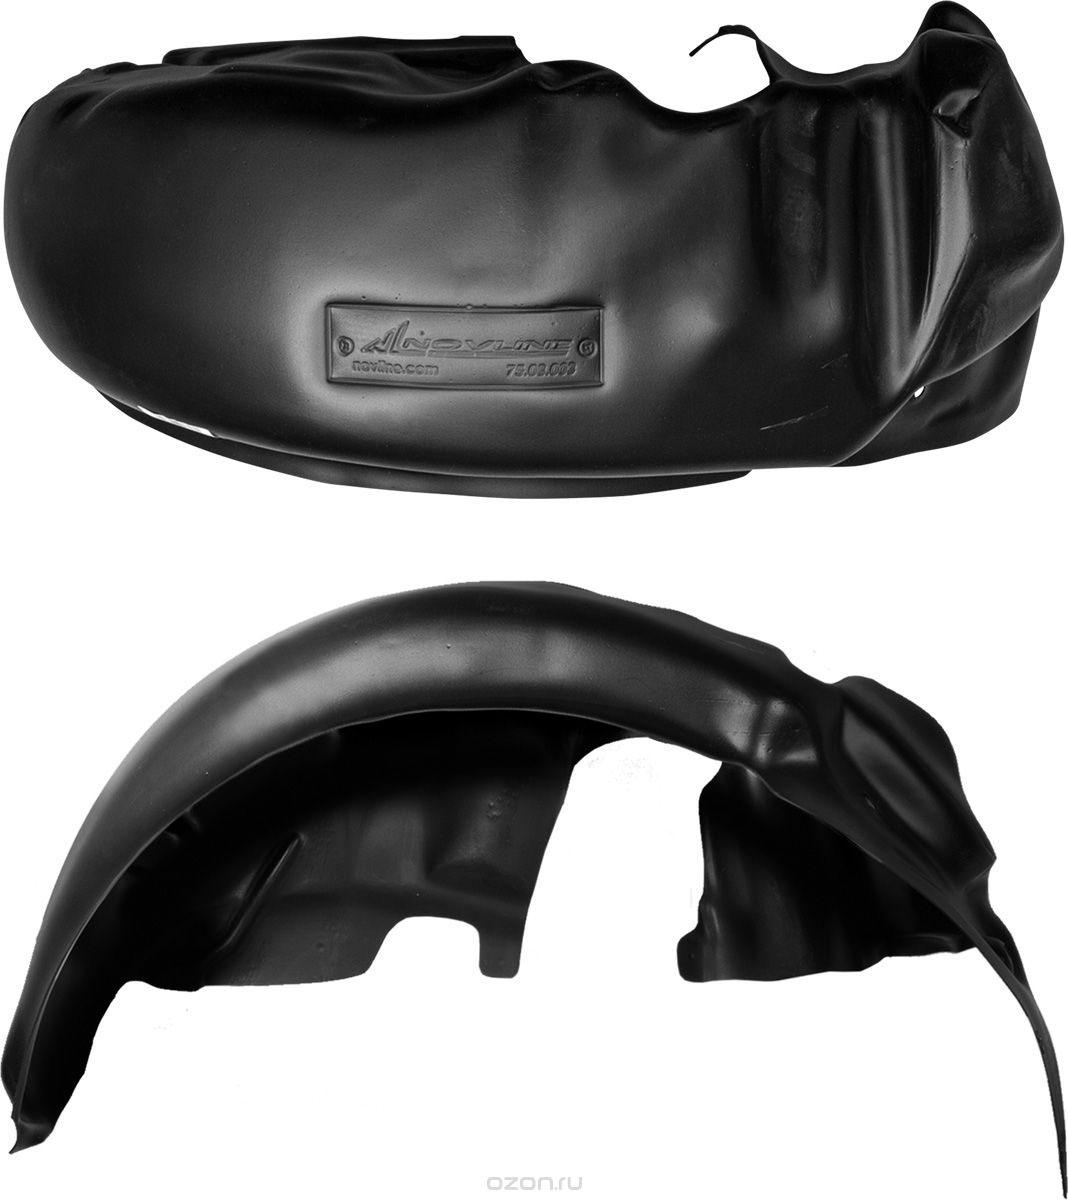 Подкрылок Novline-Autofamily, для TOYOTA Avensis 2009->, передний левыйDW90Идеальная защита колесной ниши. Локеры разработаны с применением цифровых технологий, гарантируют максимальную повторяемость поверхности арки. Изделия устанавливаются без нарушения лакокрасочного покрытия автомобиля, каждый подкрылок комплектуется крепежом. Уважаемые клиенты, обращаем ваше внимание, что фотографии на подкрылки универсальные и не отражают реальную форму изделия. При этом само изделие идет точно под размер указанного автомобиля.